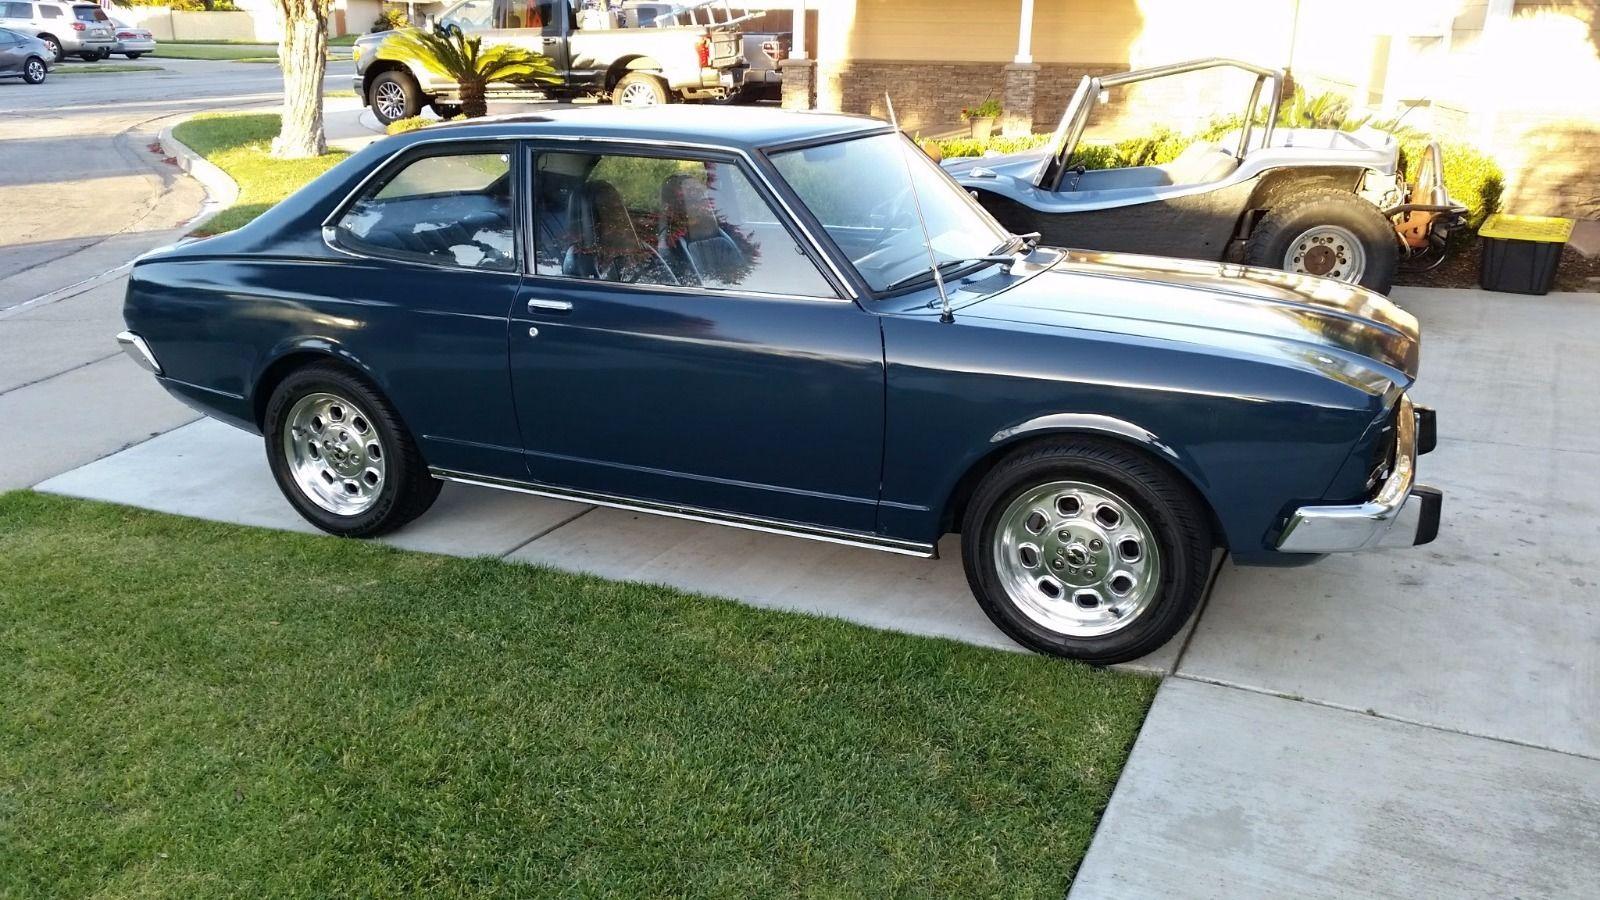 For Sale 1973 Toyota Carina With A 1uz Fe V8 Engine Swap Depot Celica